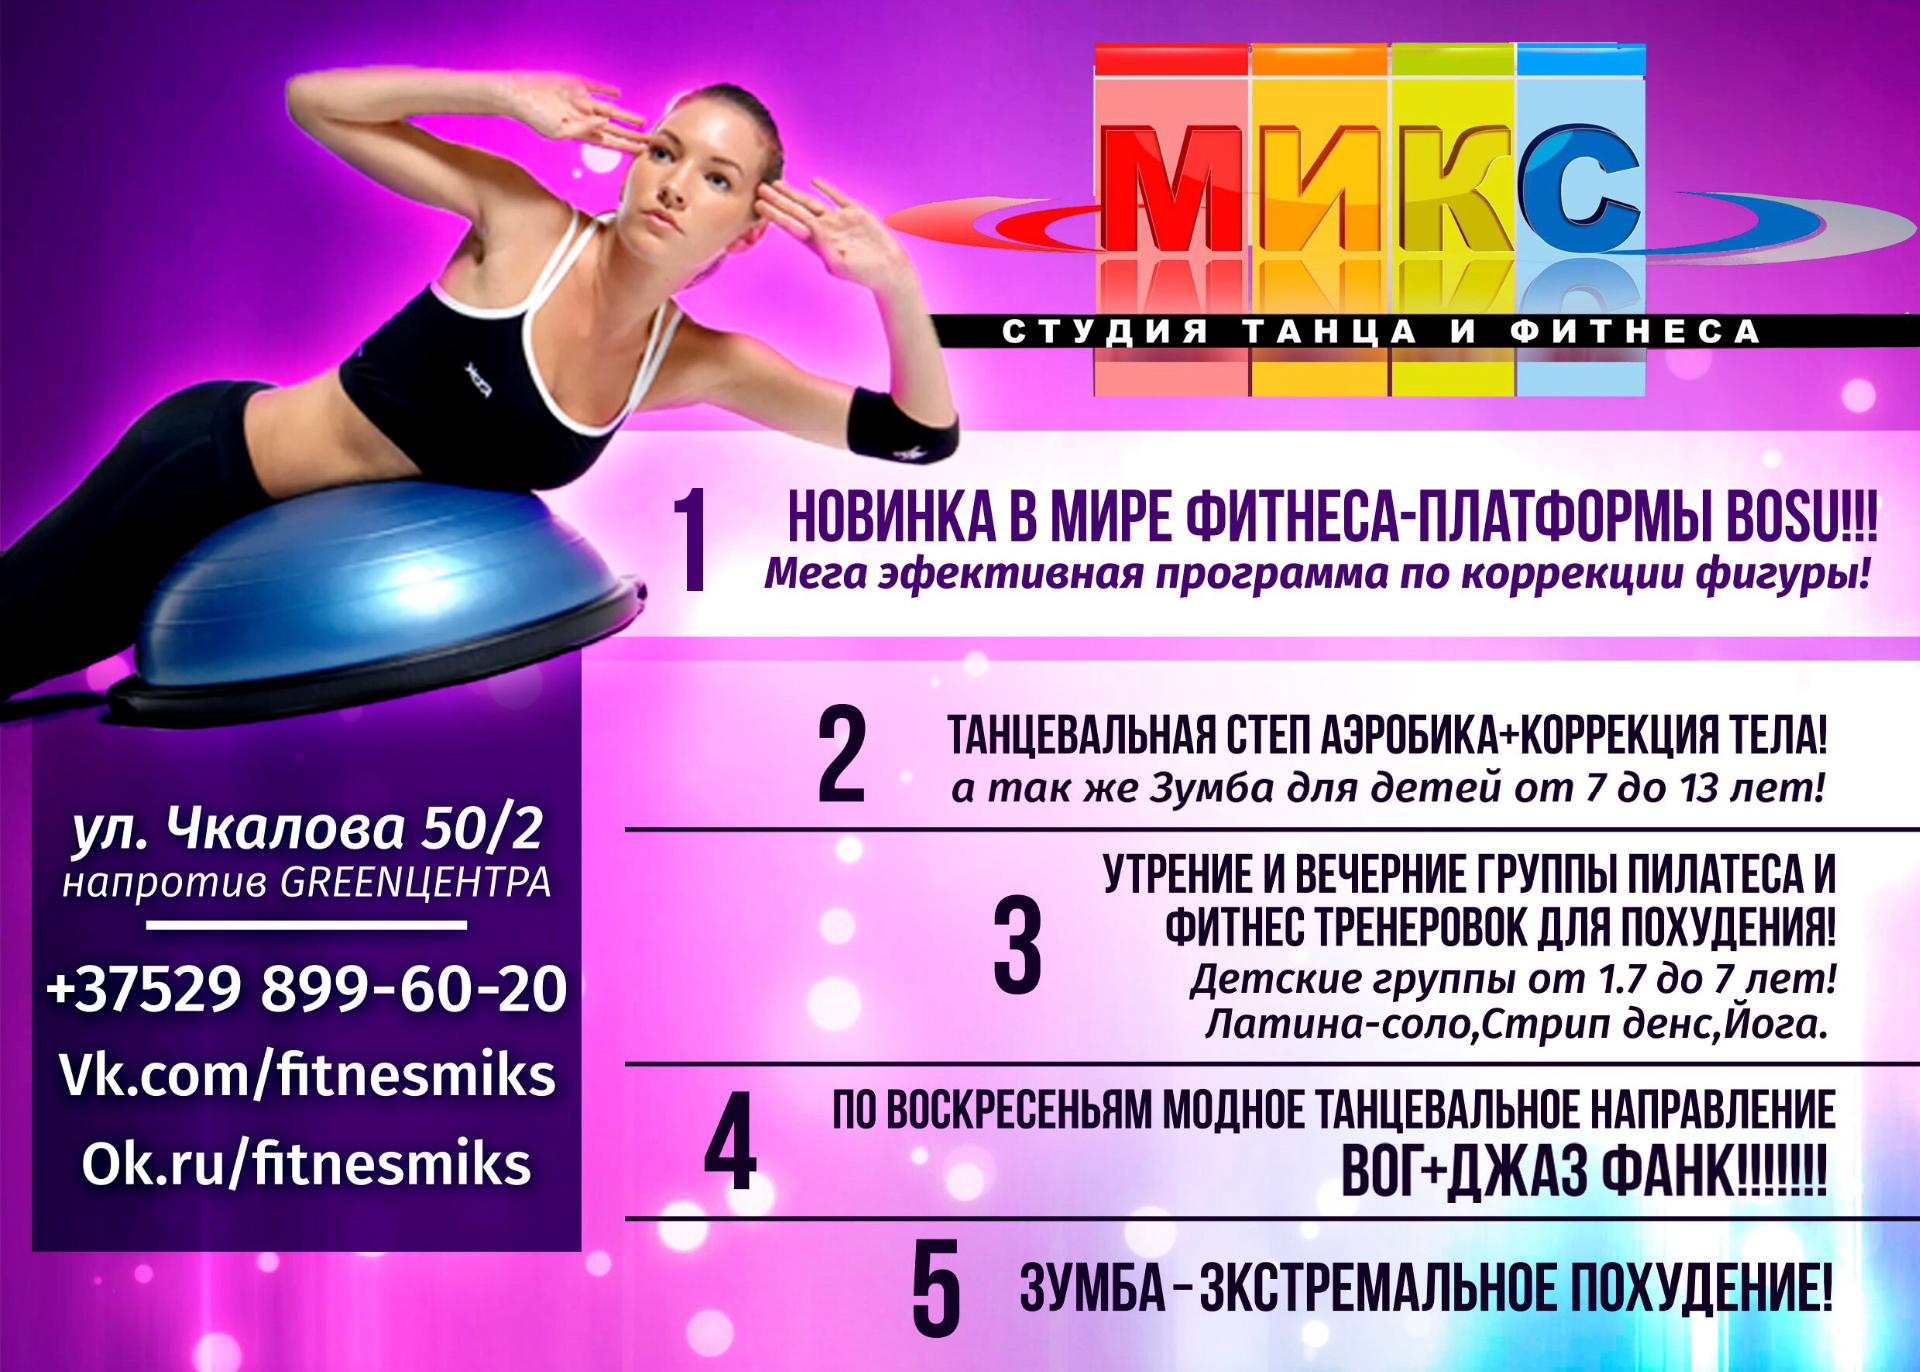 Направление Фитнеса Для Похудения.